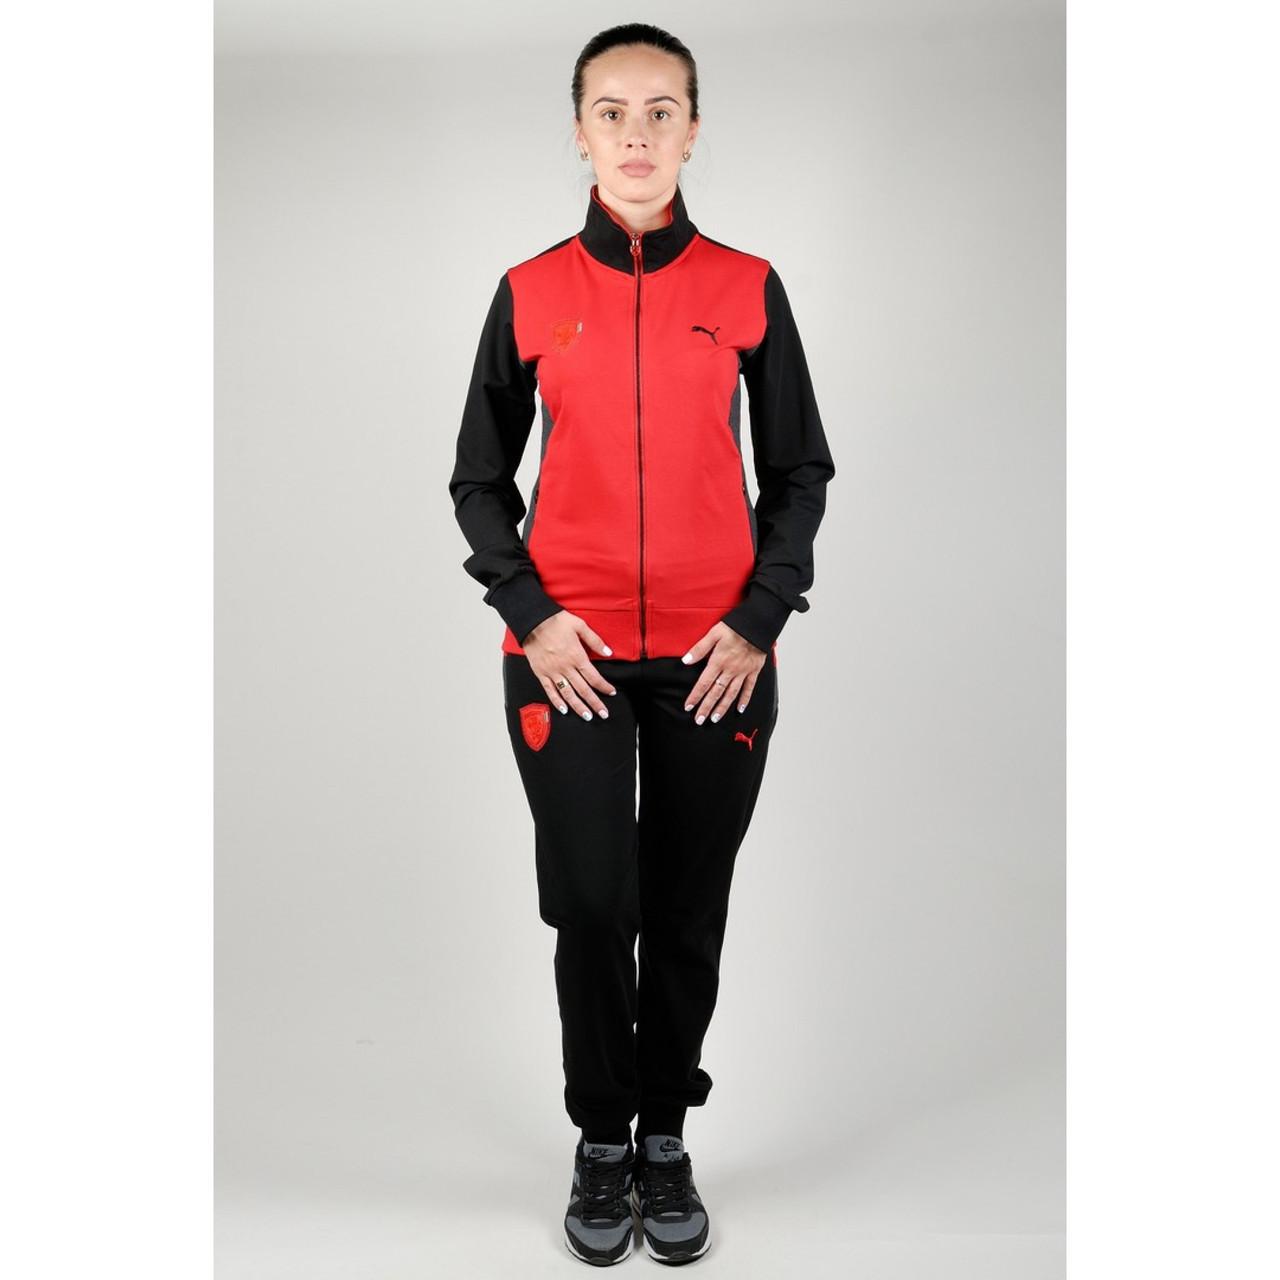 082a35de2926 Купить Женский спортивный костюм Puma Ferrari в Днепре от компании ...